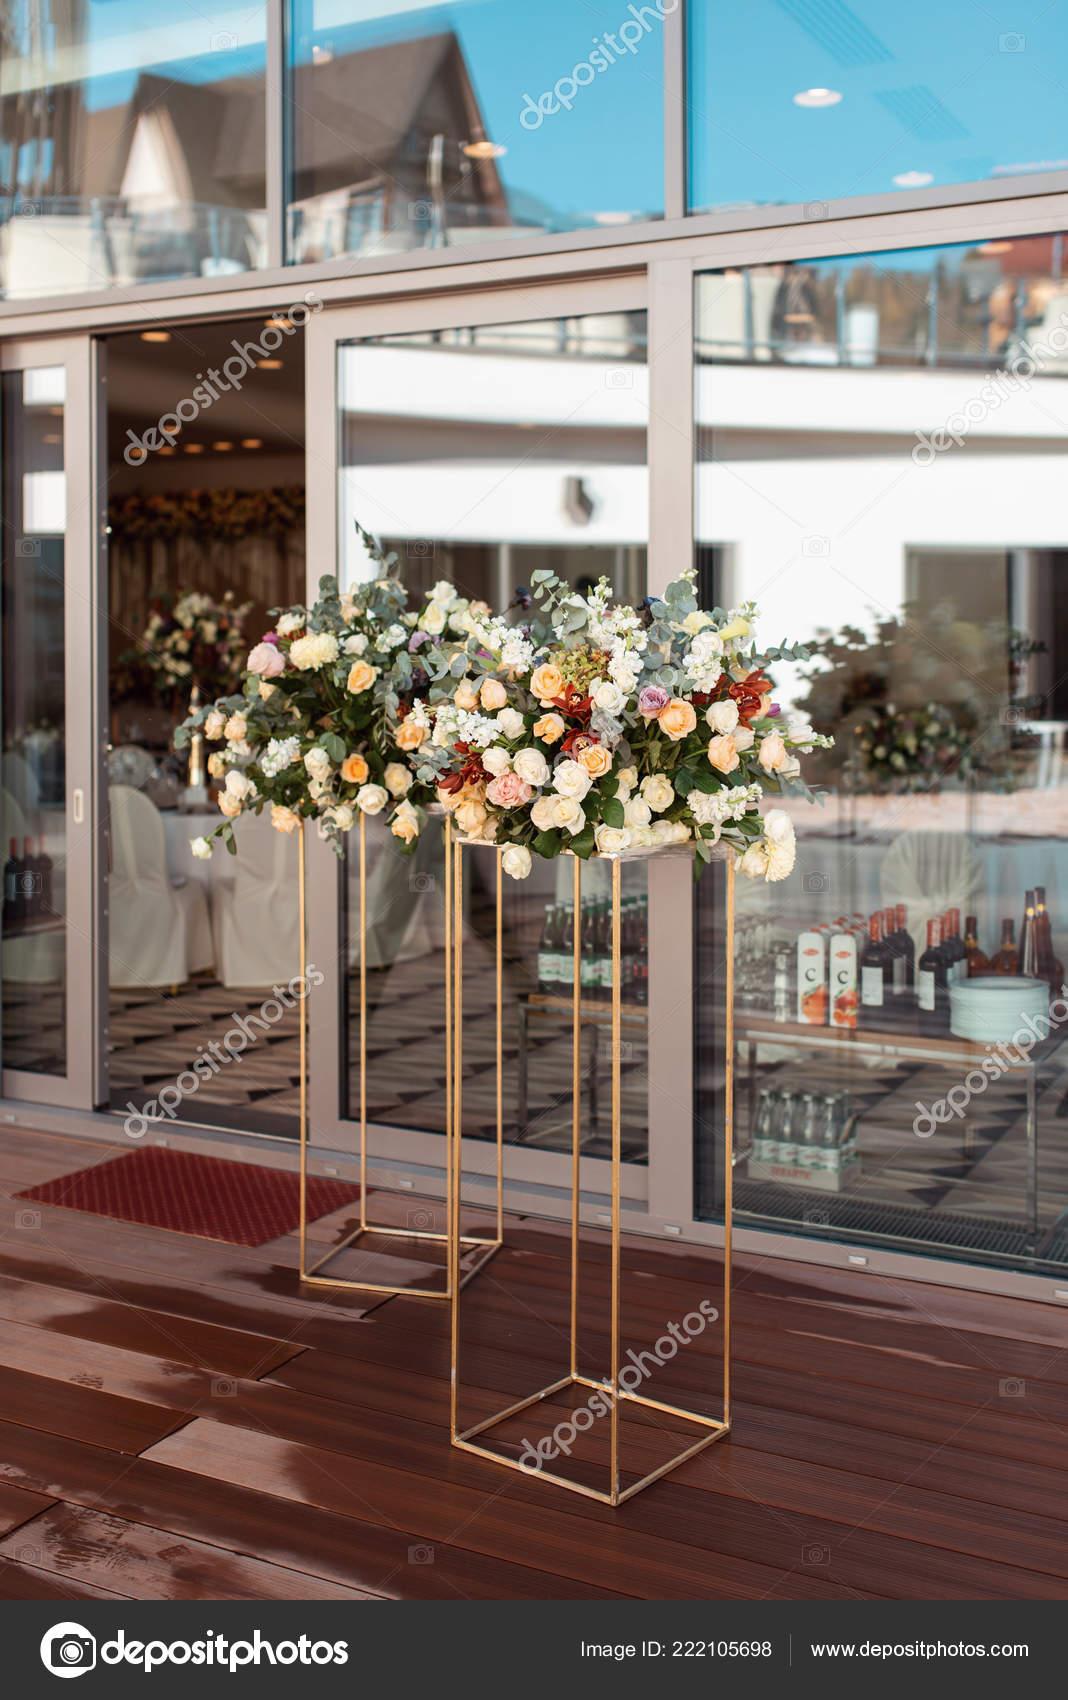 Svatebni Dekorace Ruzi Kvetinovou Vyzdobu Moderni Svatebni Stock